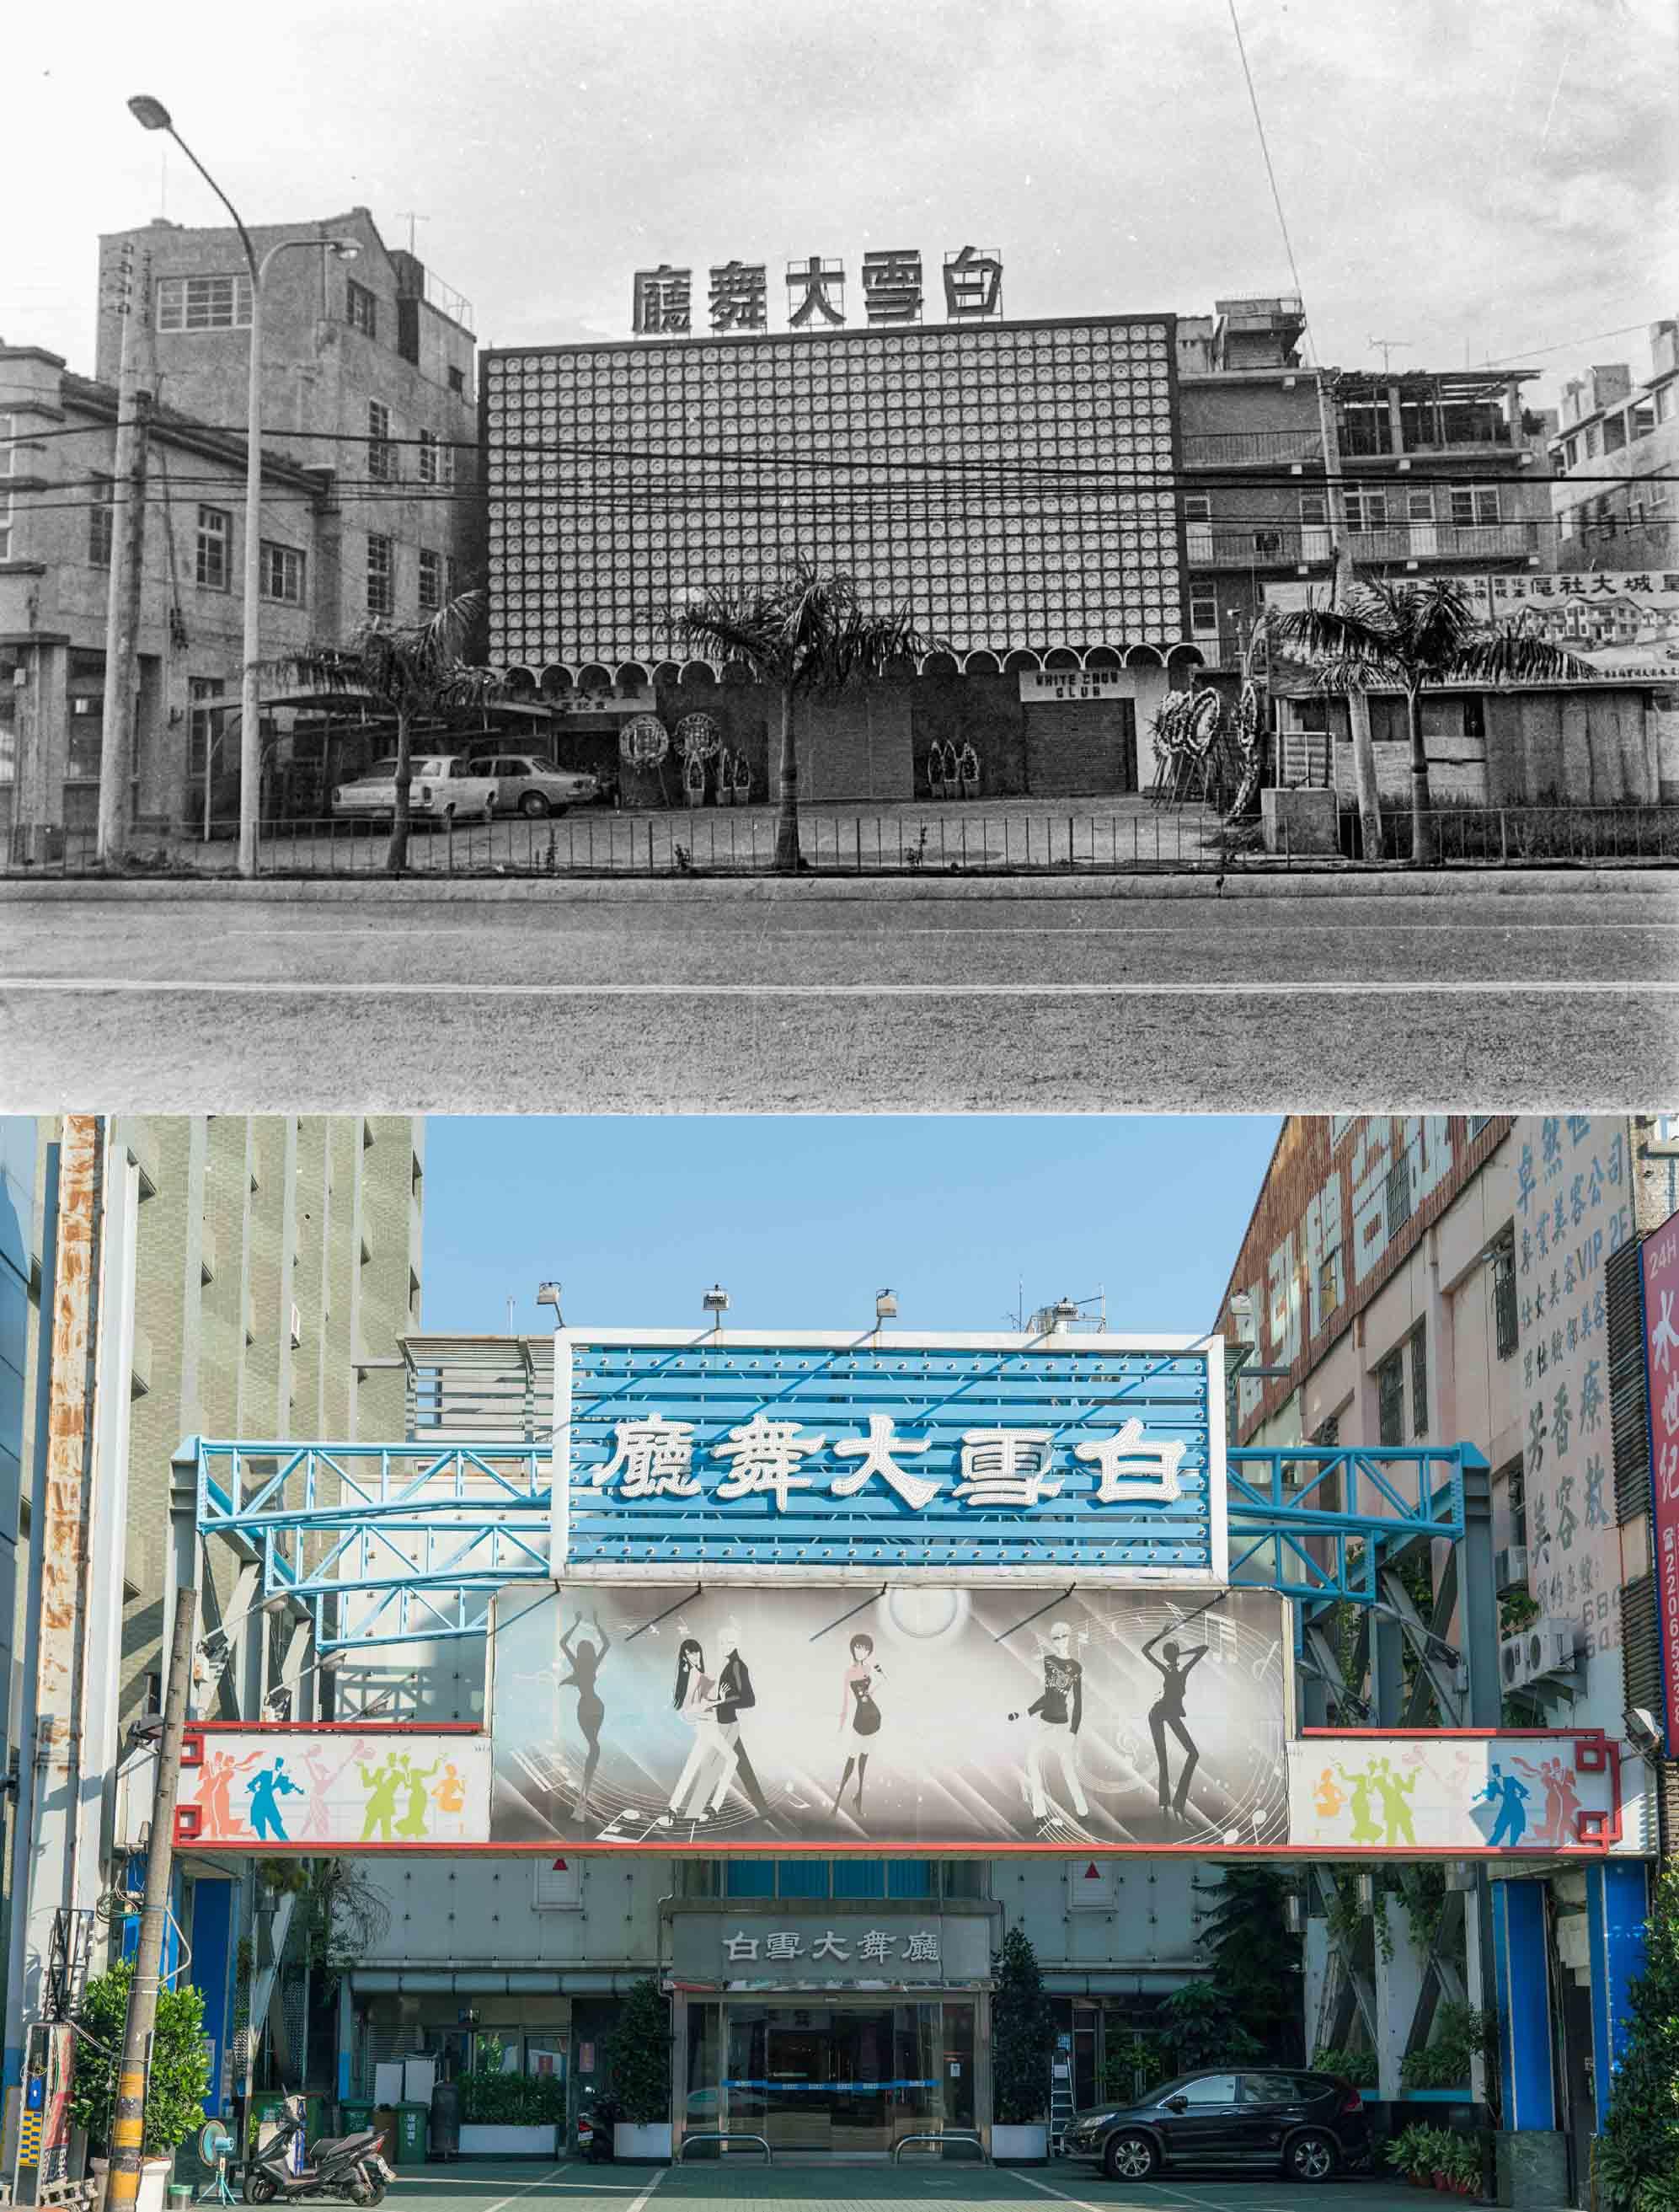 1963 年開業、當年叱吒臺中的白雪大舞廳,至今仍在營業中。圖│《臺中歷史地圖散步》 原始出處│昔:余如季攝影、余立提供;今:李品寬攝影